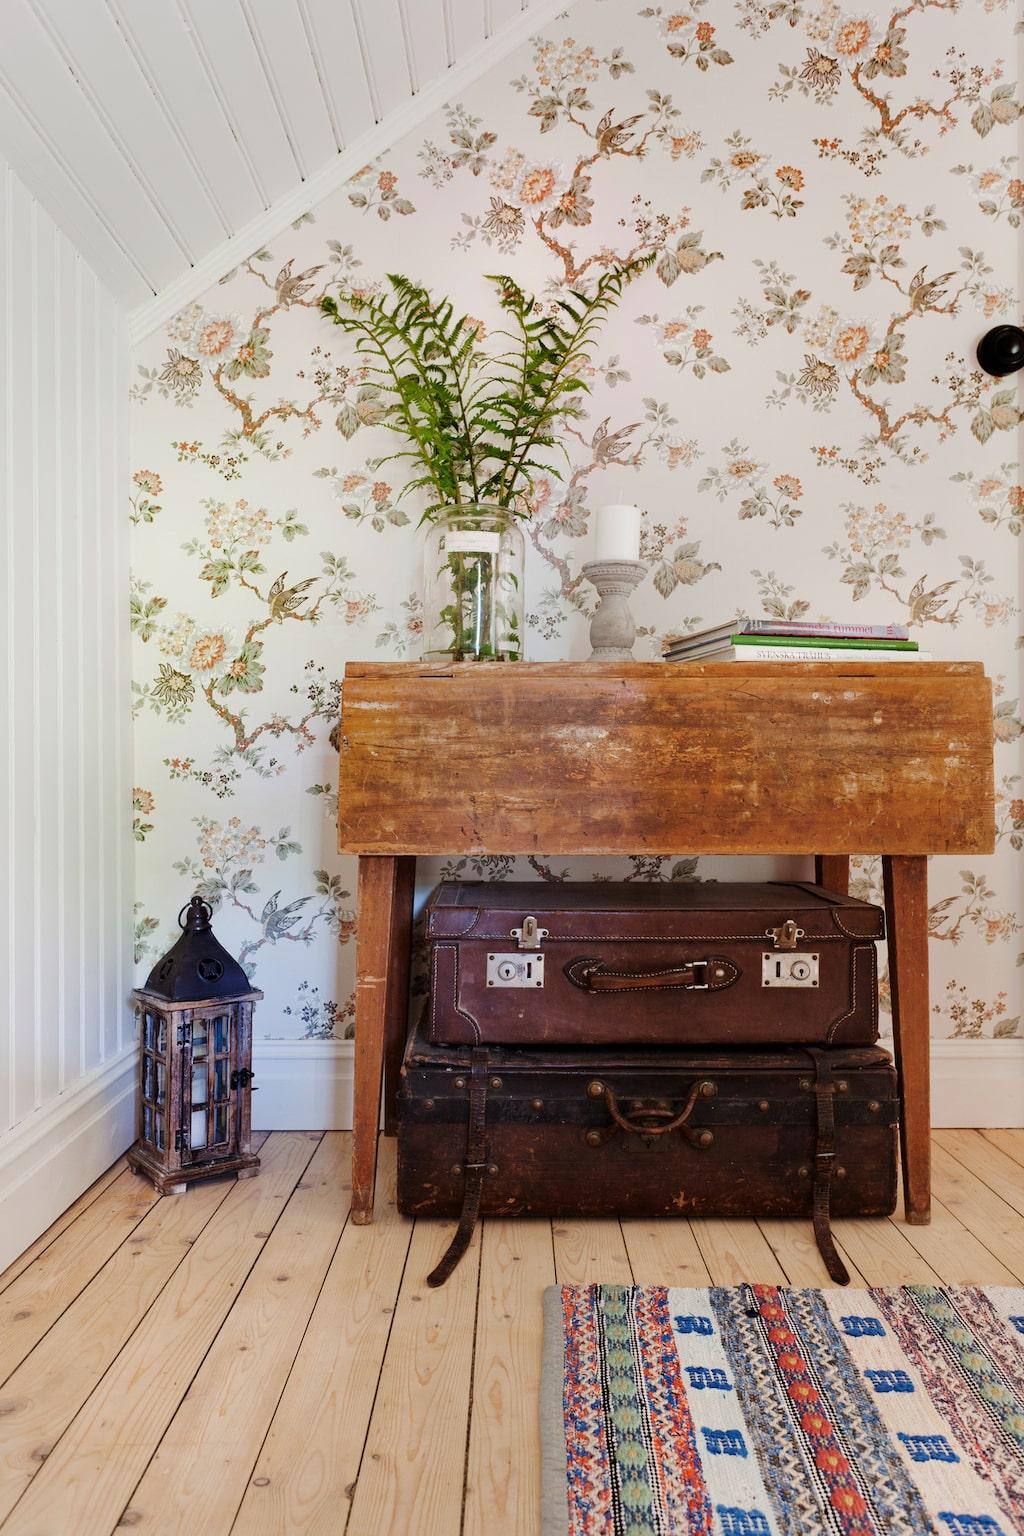 Loppisfyndade väskor och bord. Tapeten kommer från Boråstapeter ur kollektionen Falsterbo 2.